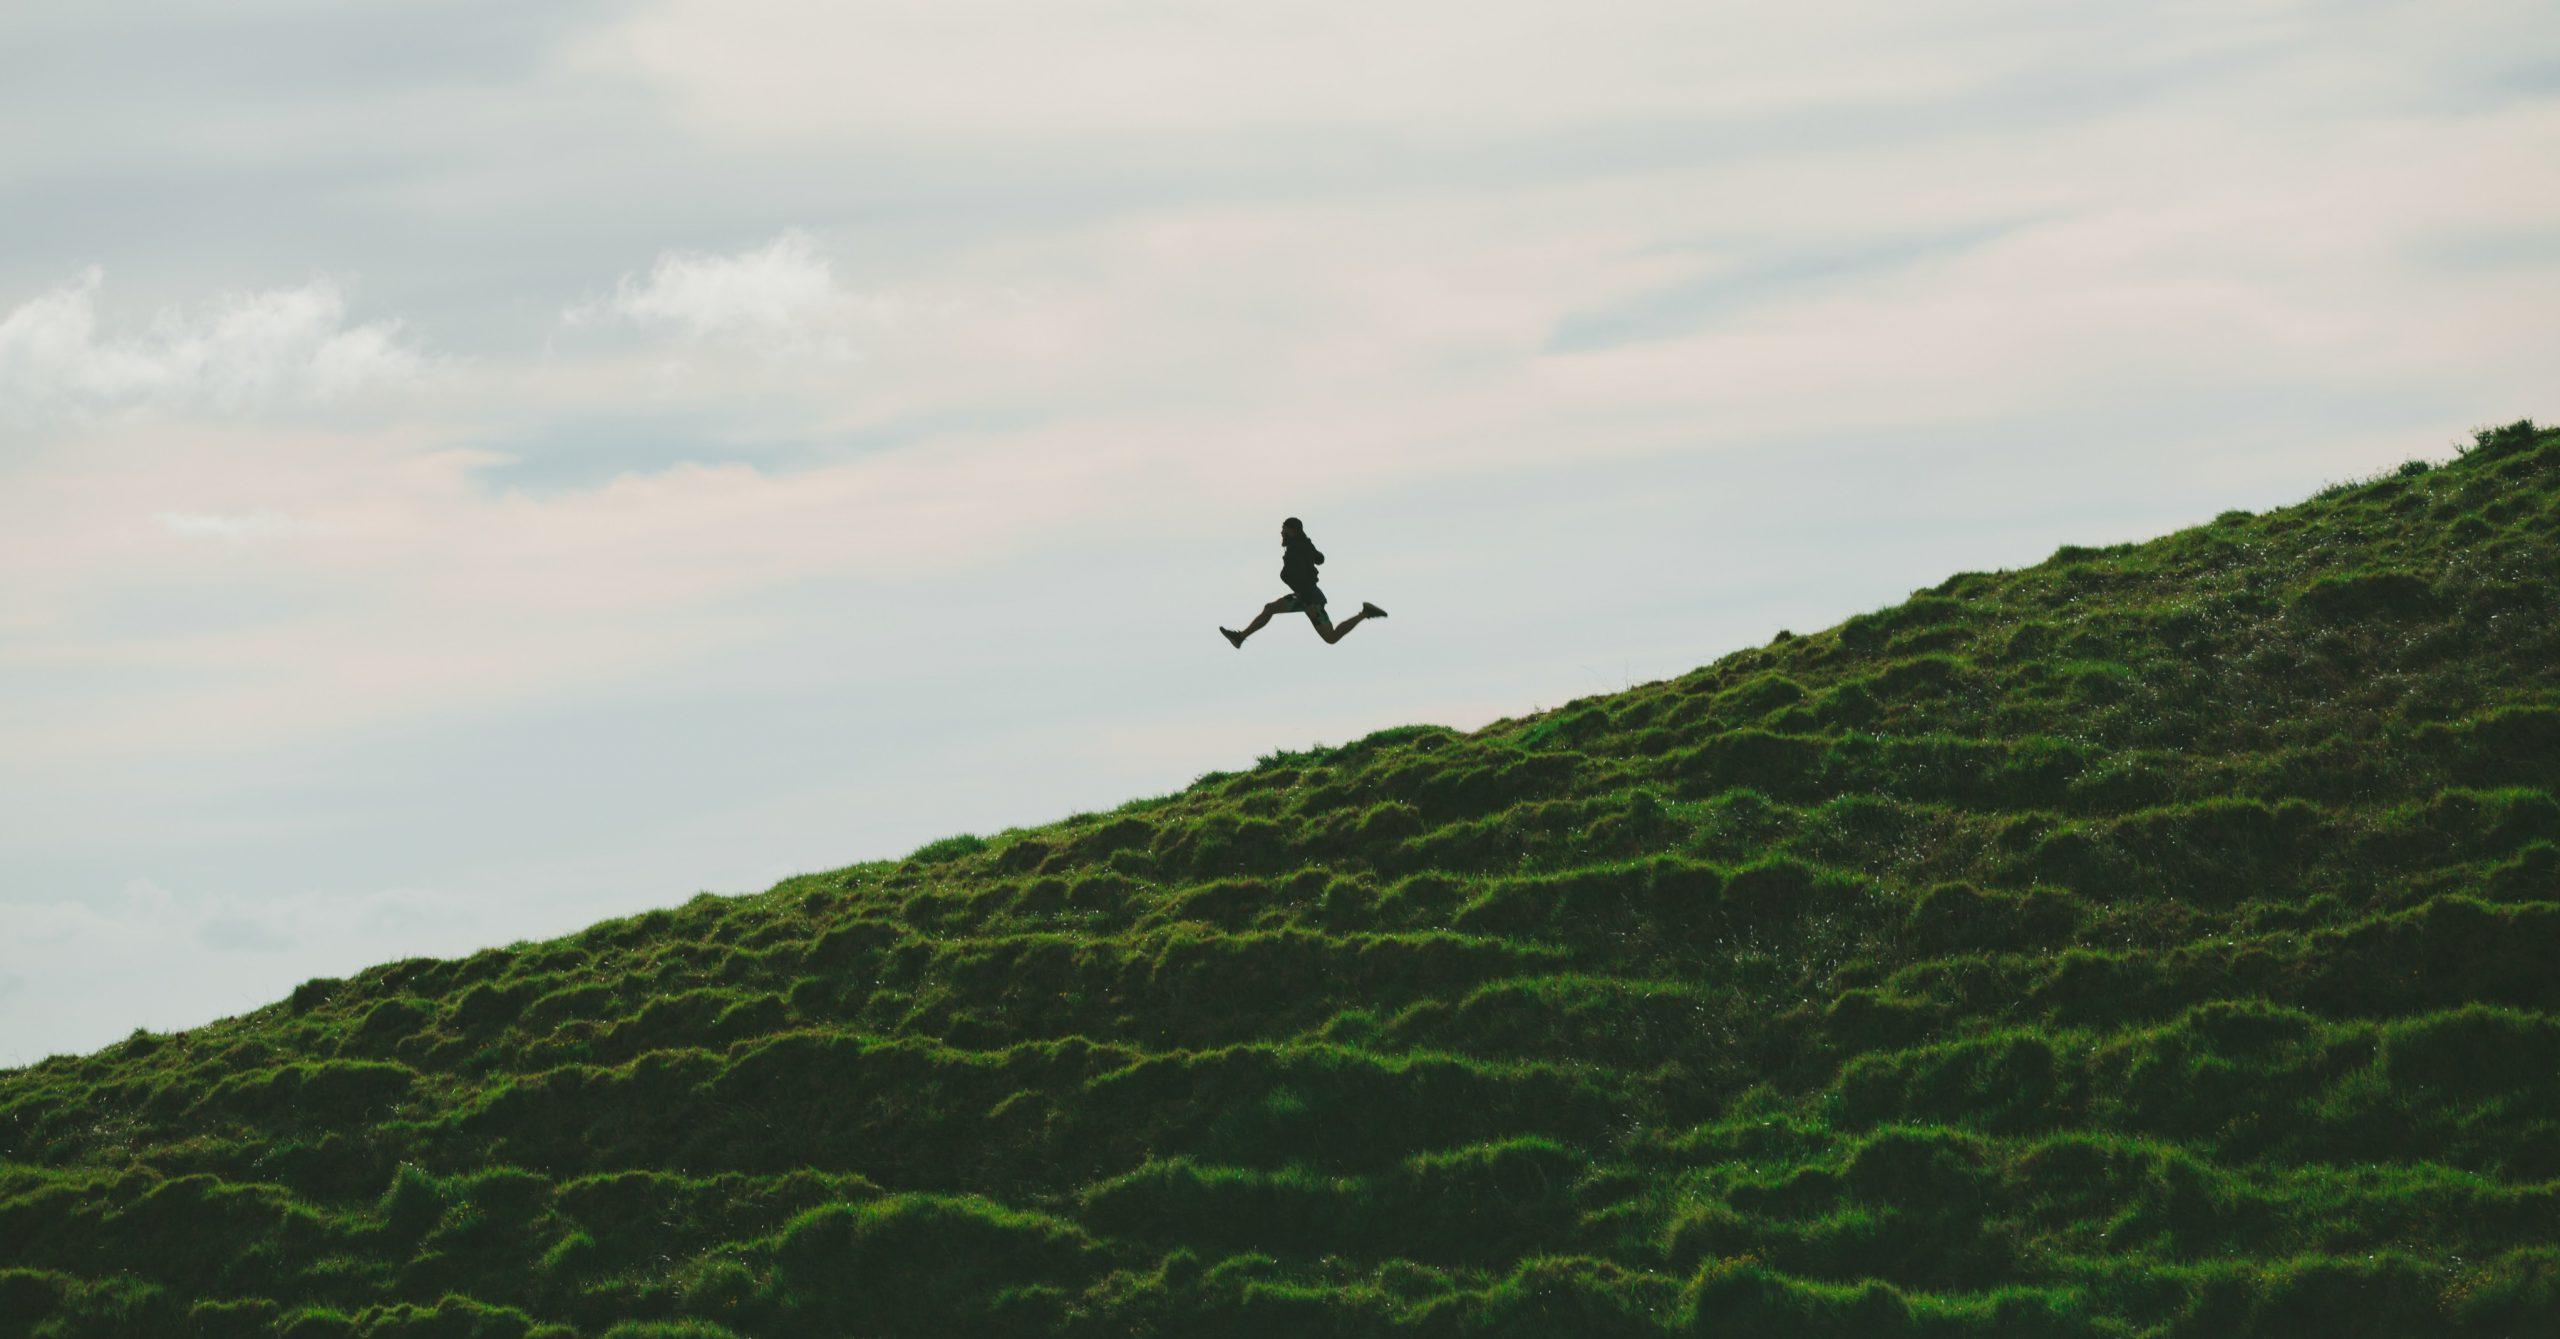 Sheeprun – 7 Gründe warum Laufen in Wolle eine gute Idee ist!